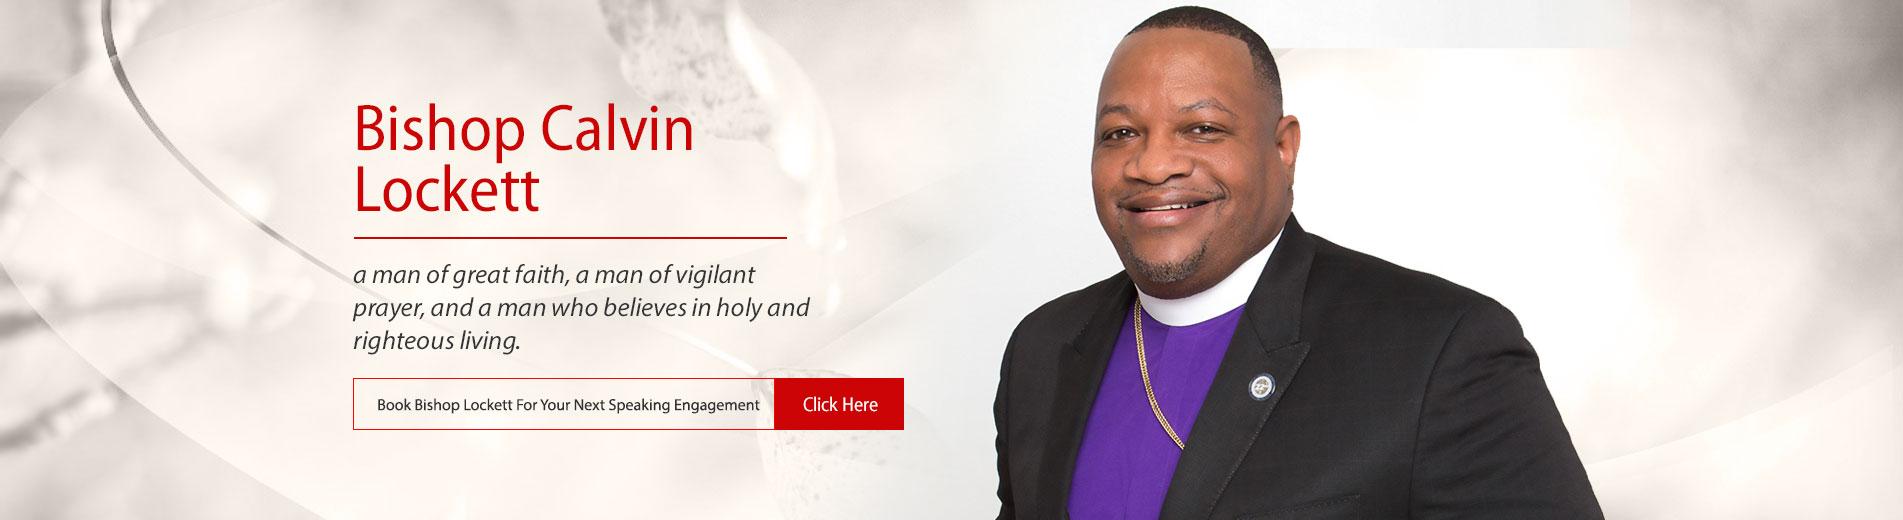 bishop_calvin_lockett